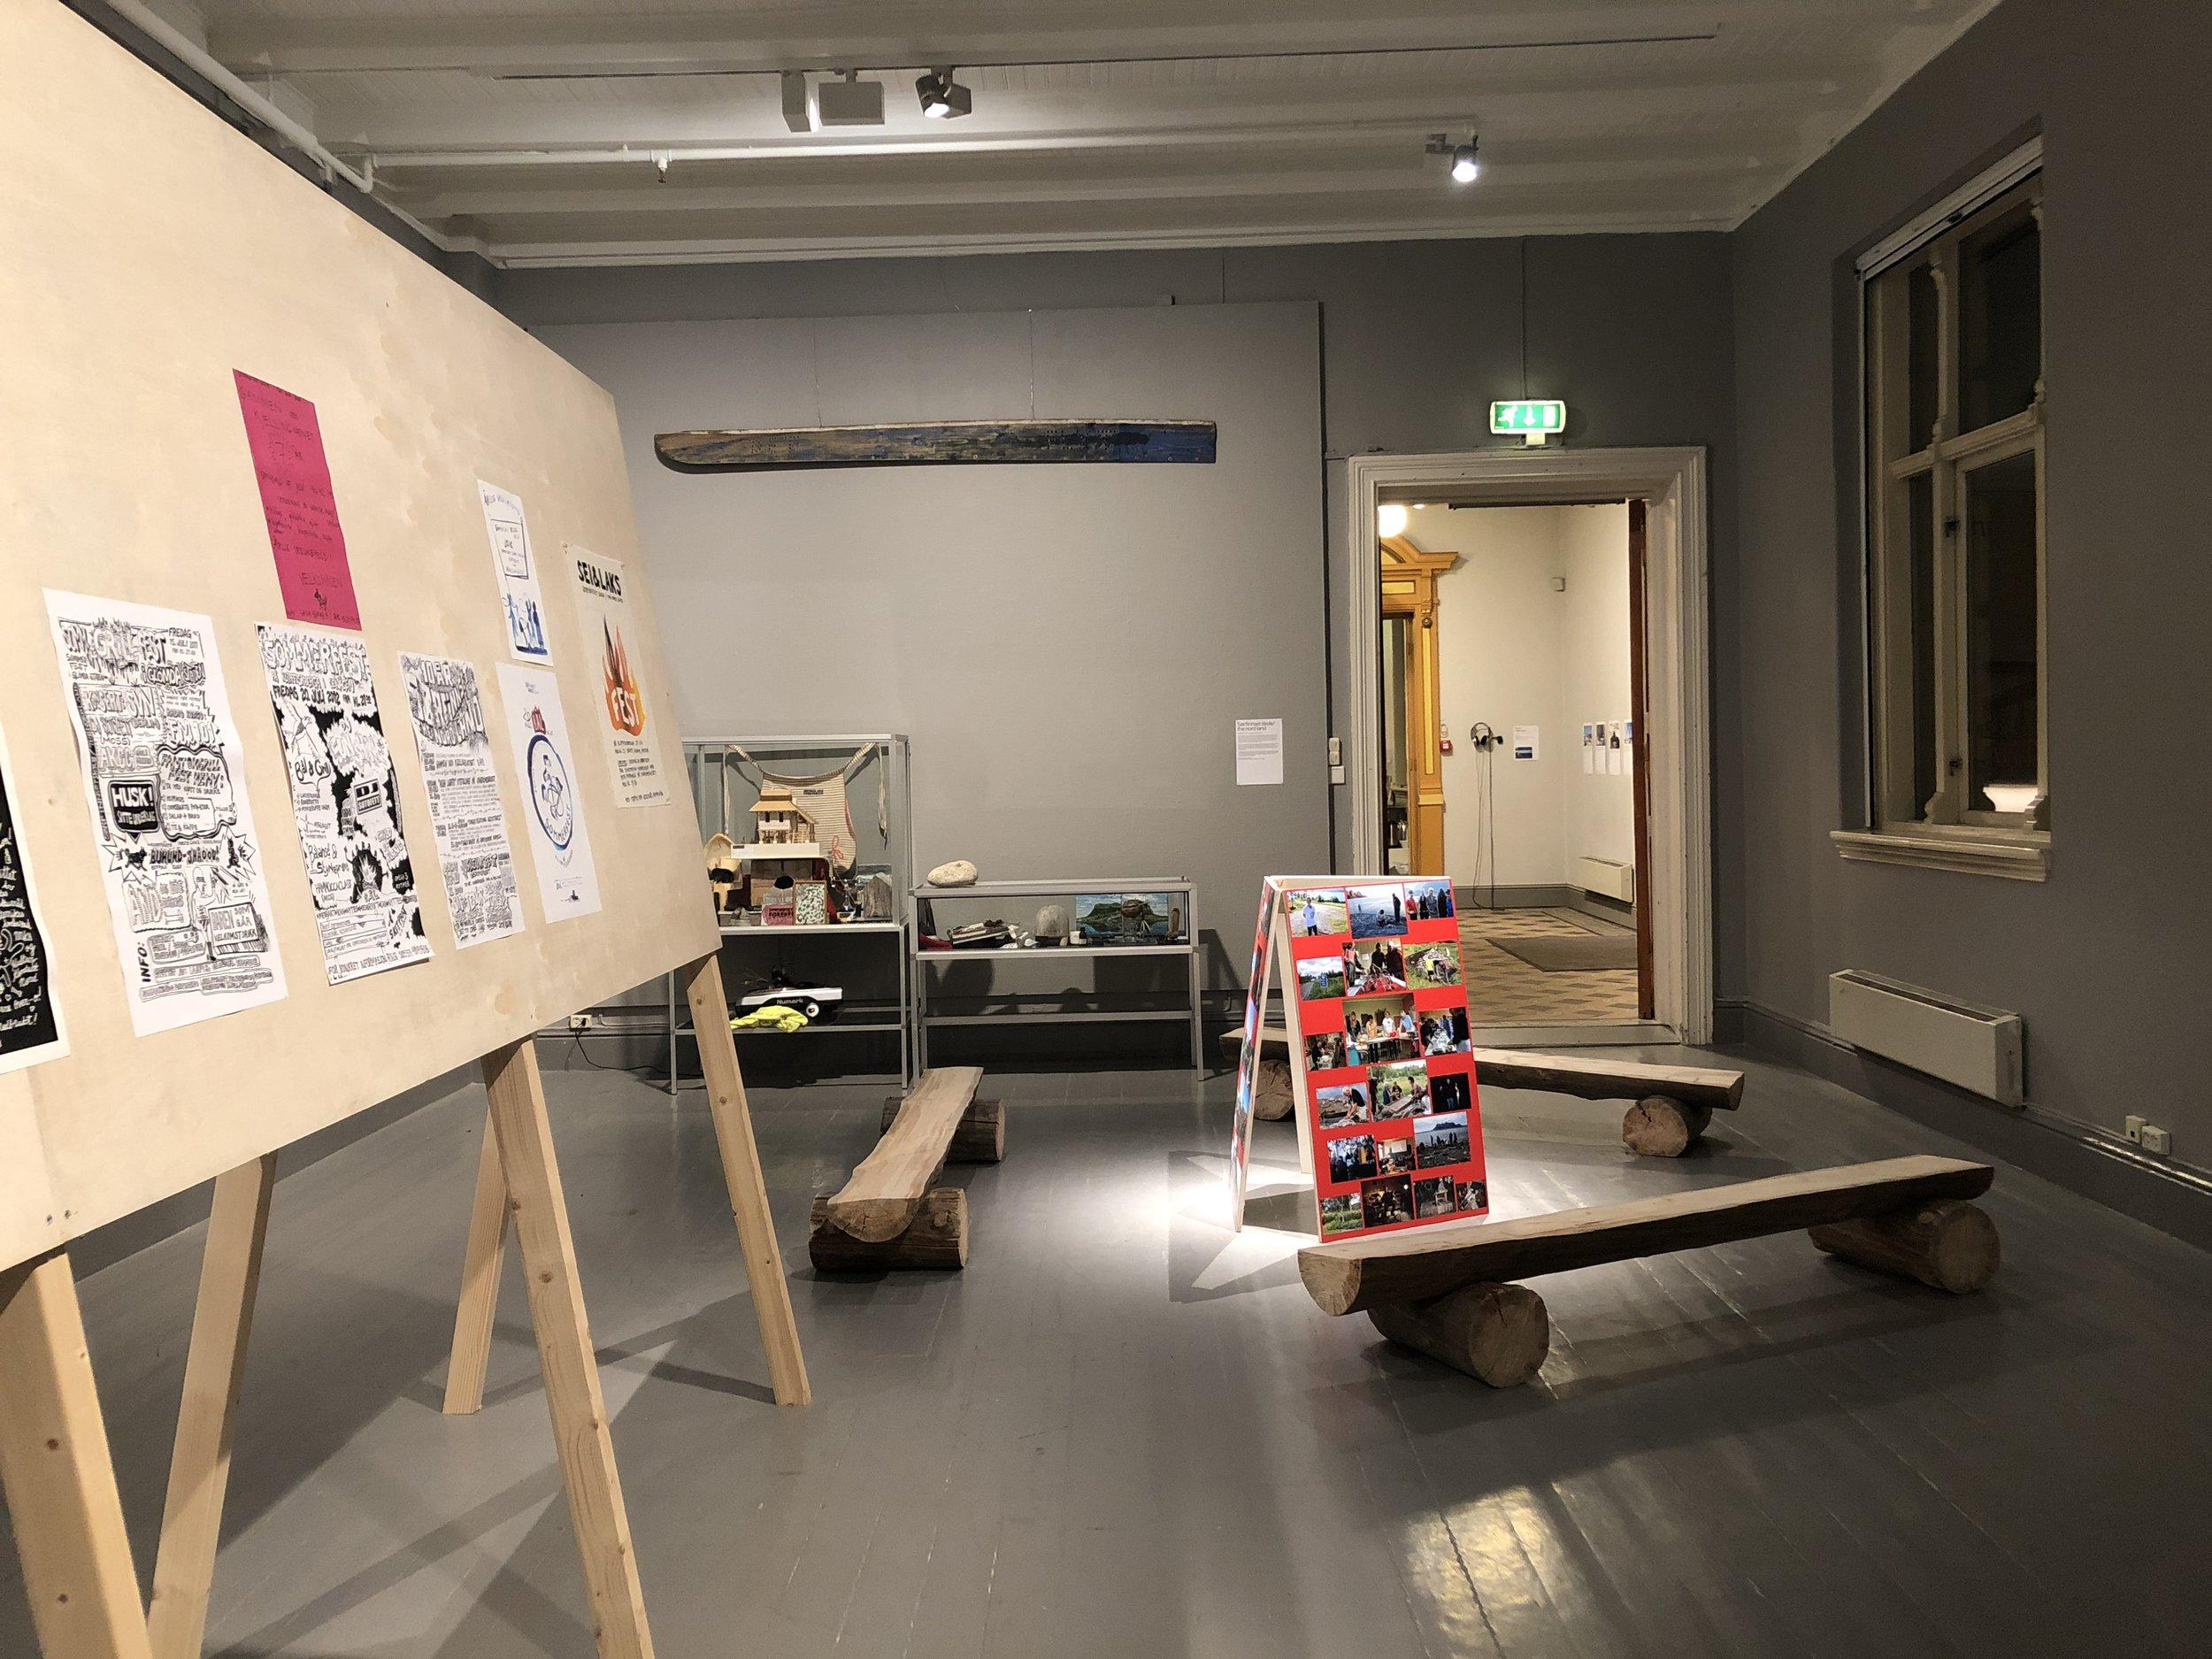 Dokumentasjon av prosjektet  Sørfinnset Skole / The Nord Land (pågående)  av Søssa Jørgensen og Geir Tore Holm. Foto: Hilde Sørstrøm